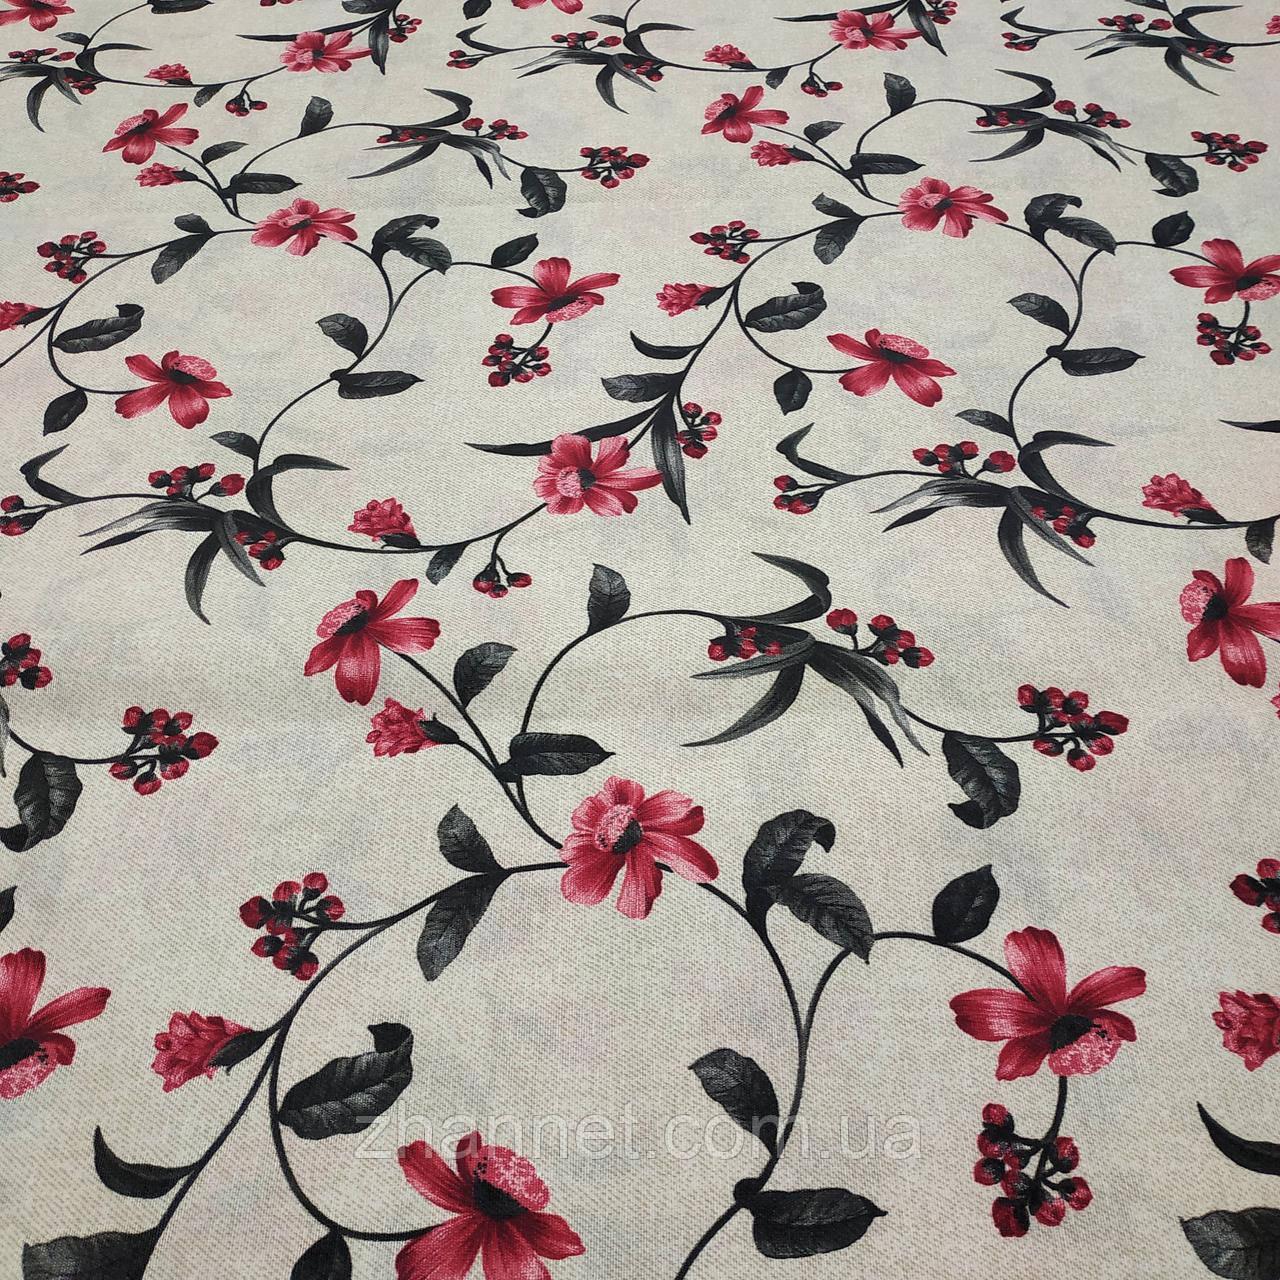 Тканина для скатертини з акриловою грунтовкою Квіти в'язь 140 см (447241)